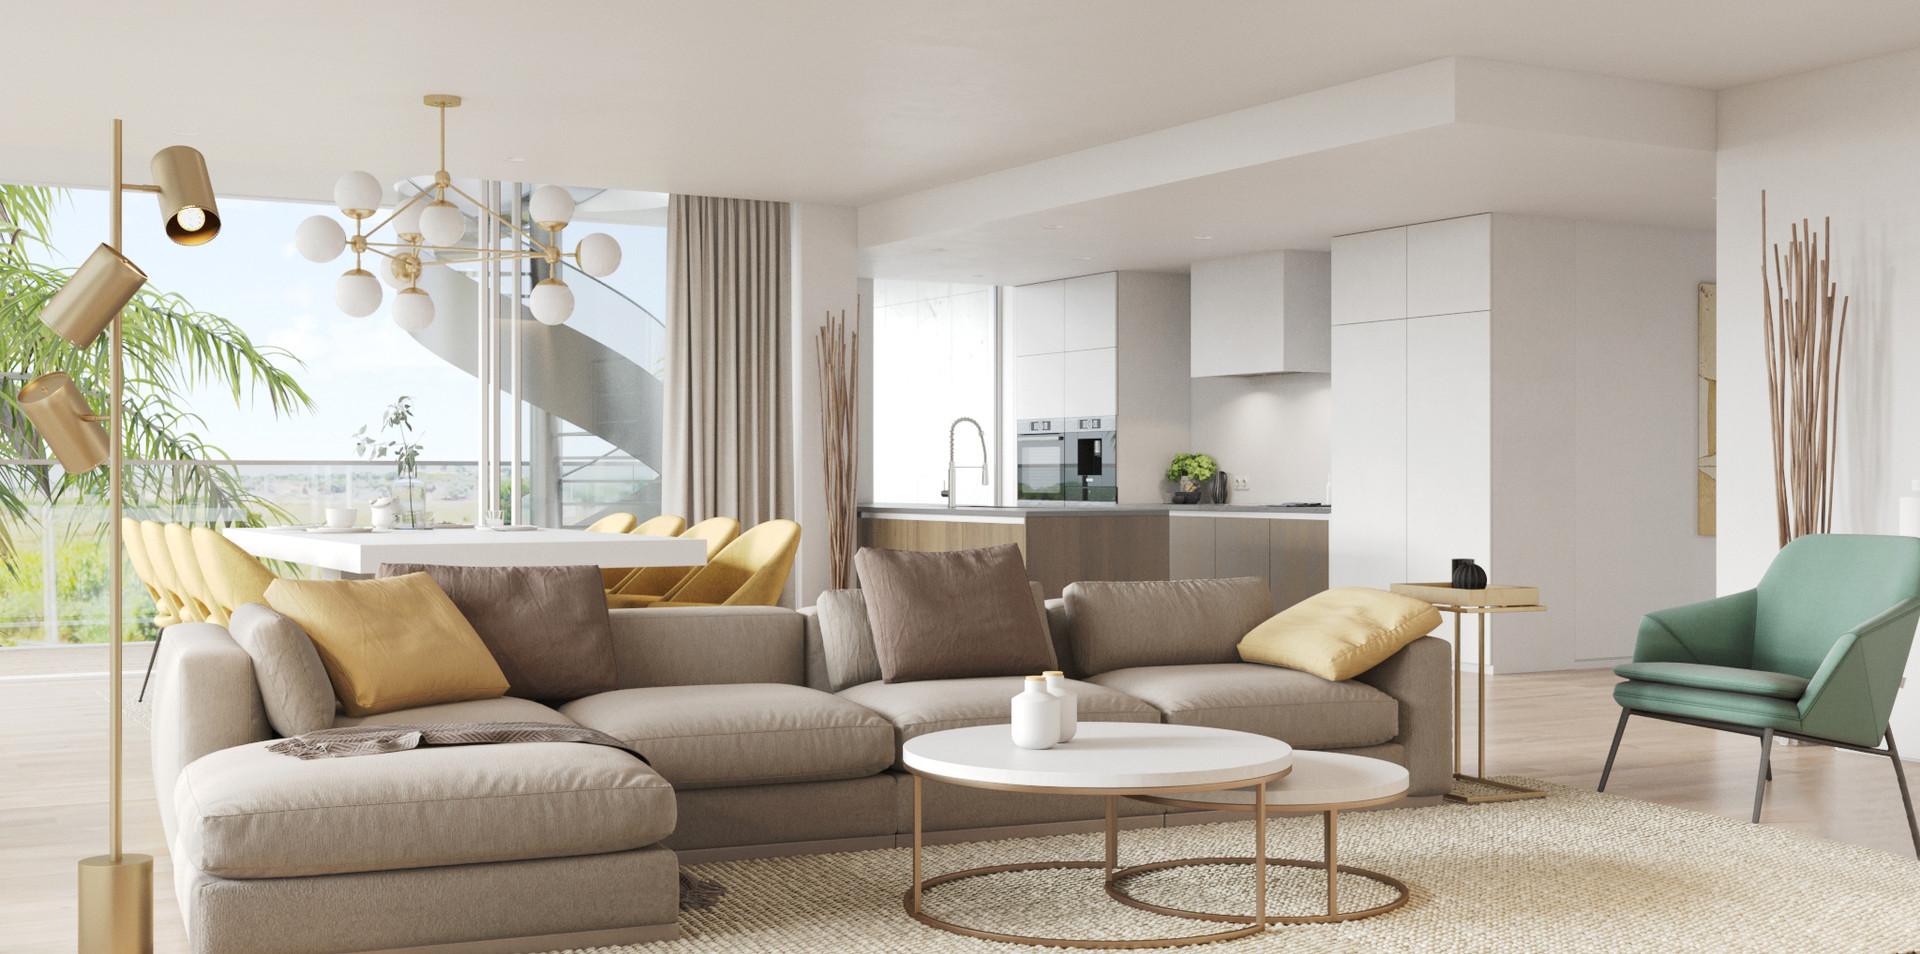 big_110_Villamoura_living room_09.jpg